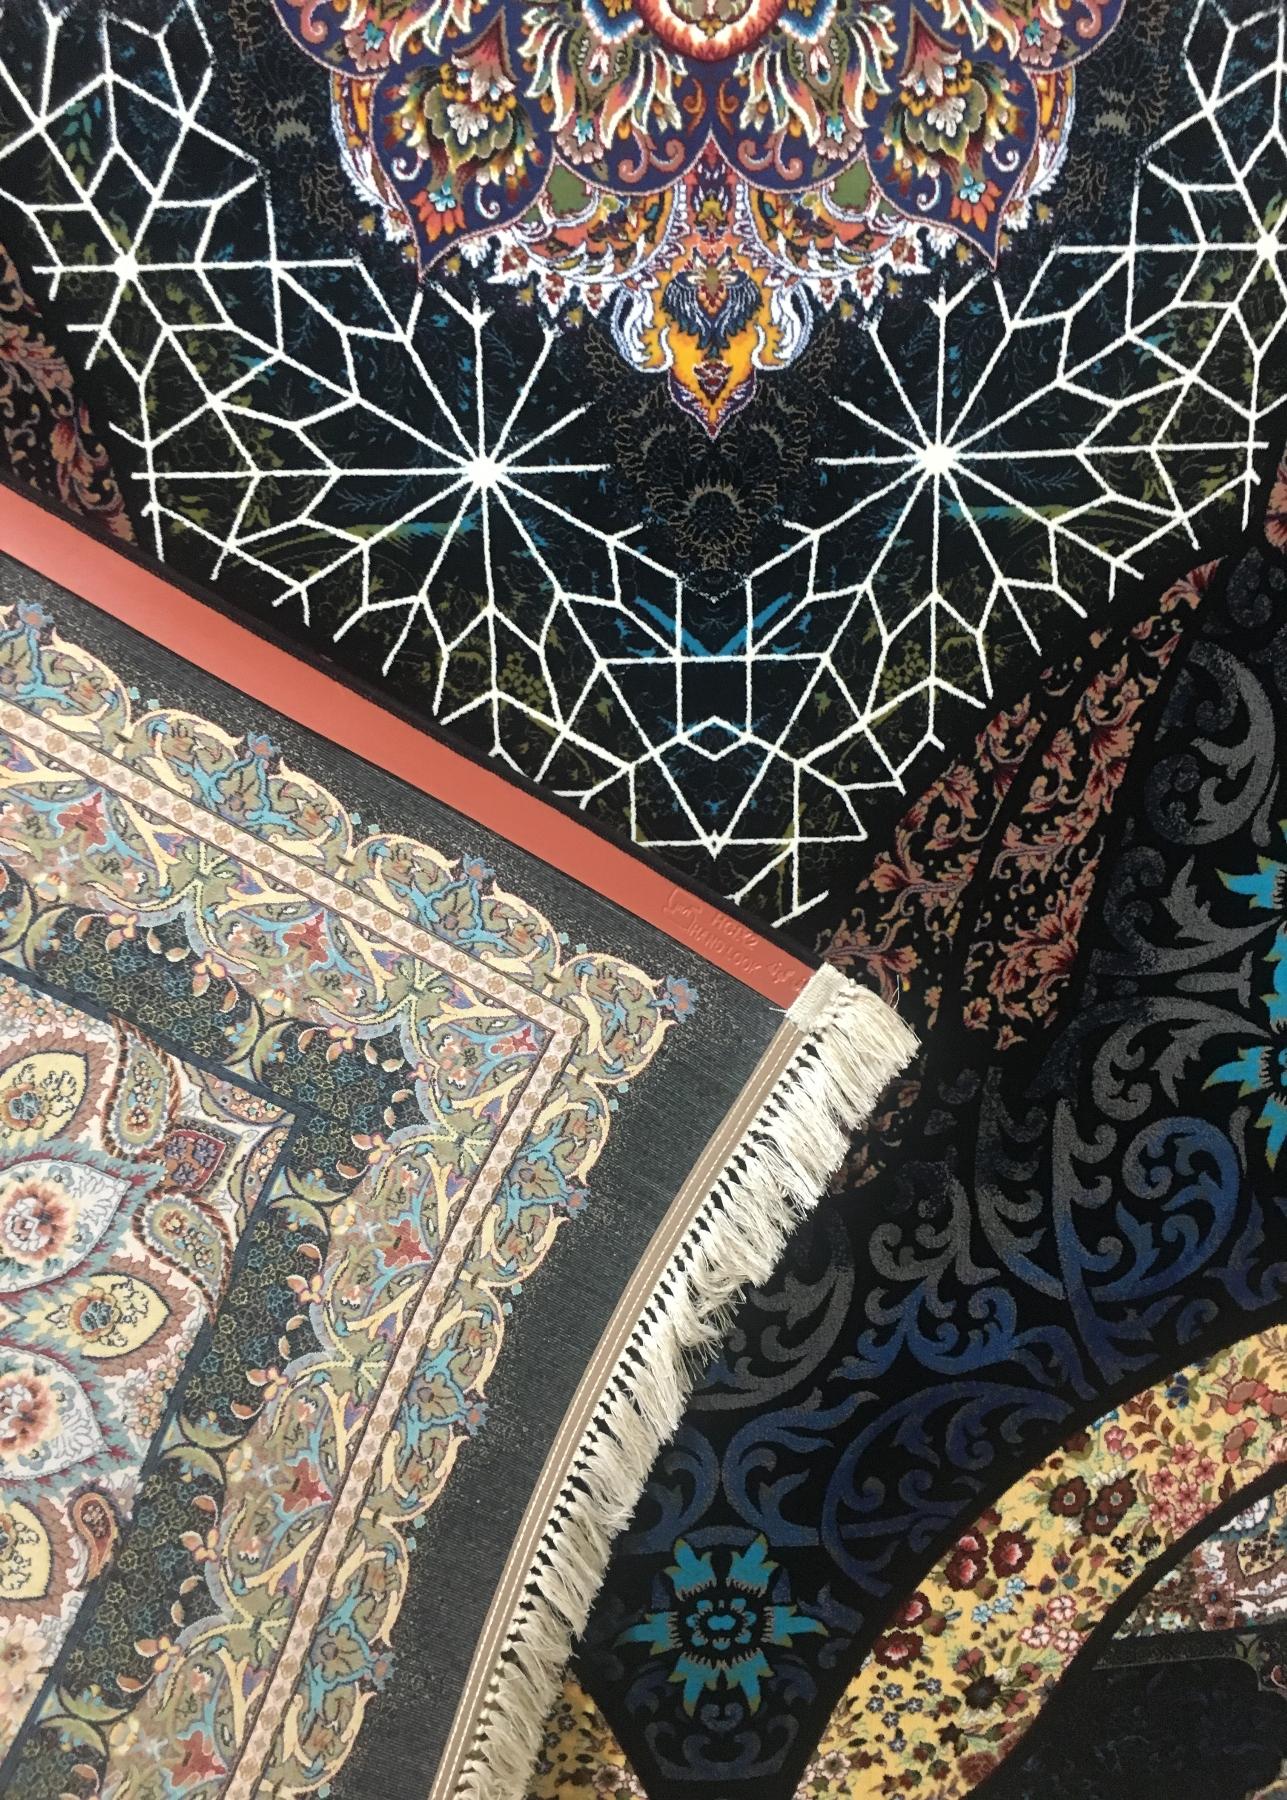 فرش ۱۰۰۰ شانه تراکم ۳۰۰۰ طرح شه بانو رنگ سرمه ای پشت فرش